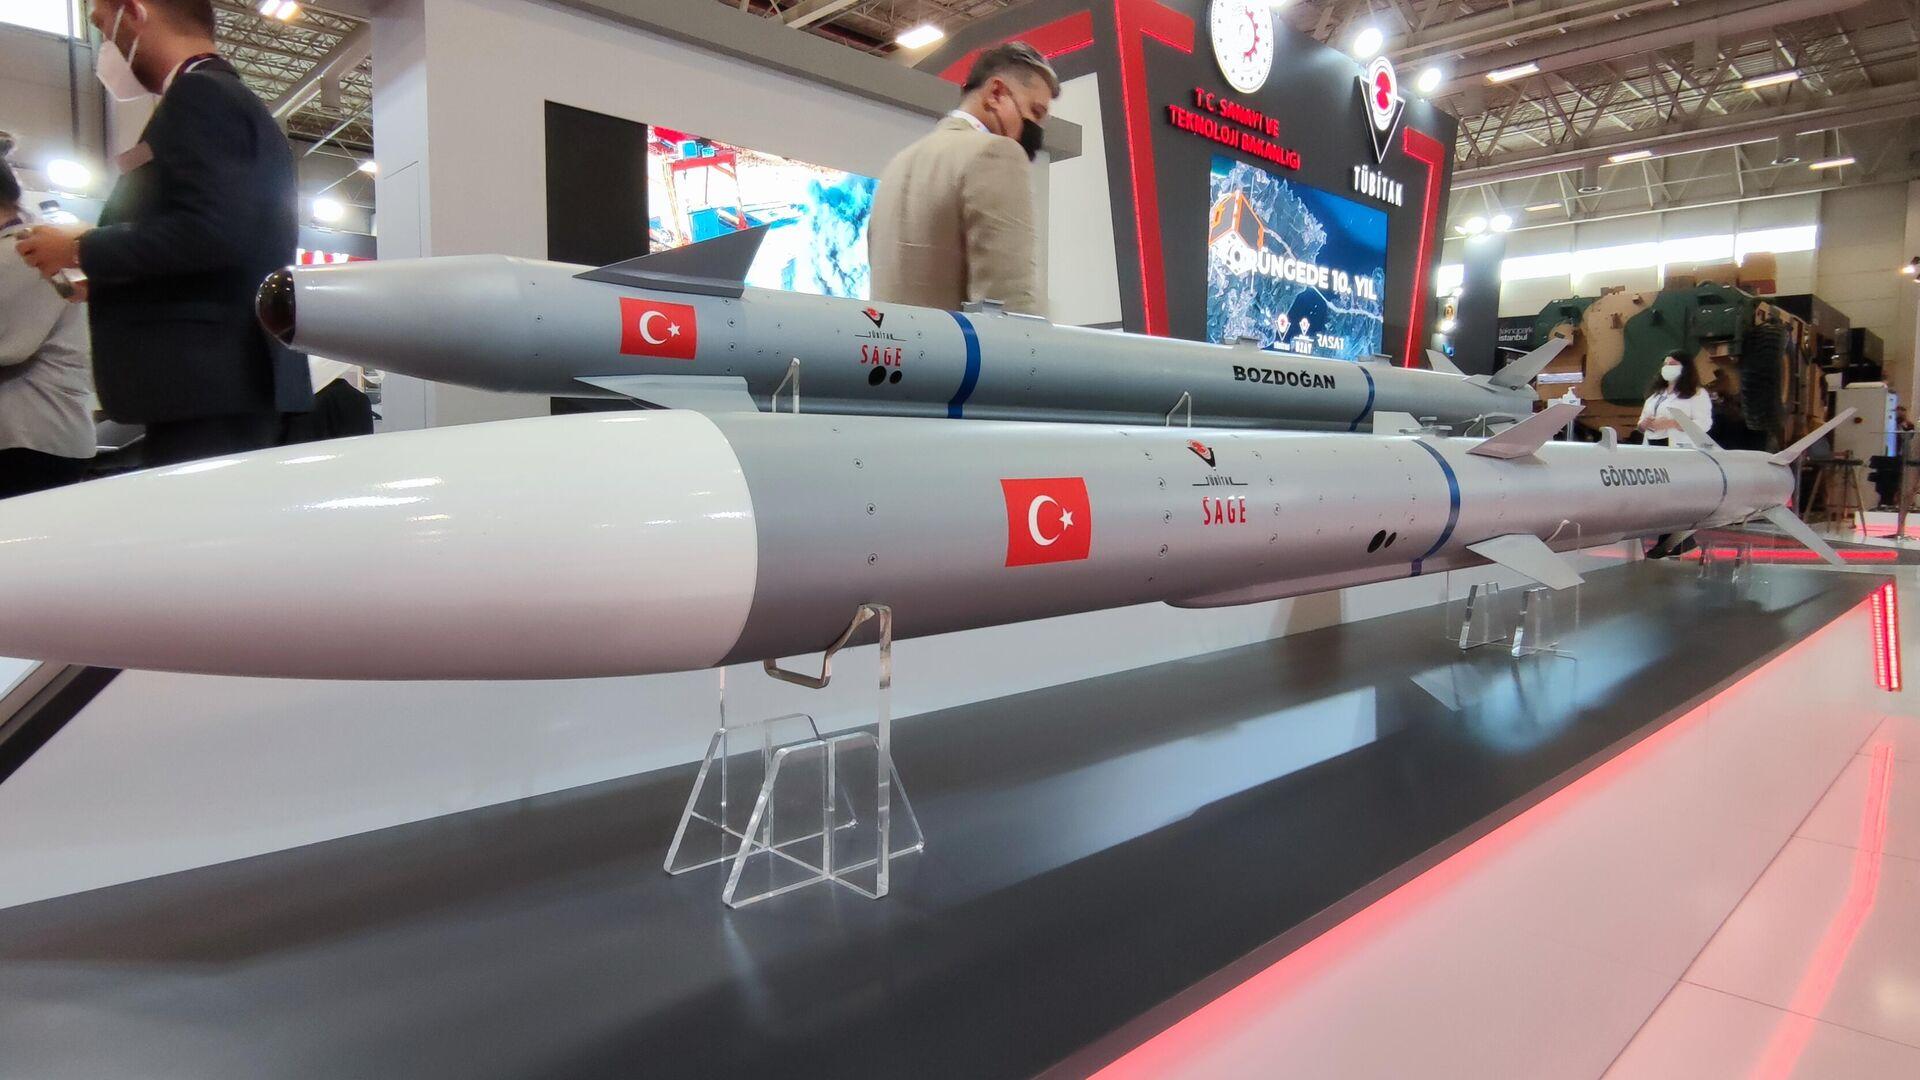 Gökdoğan ve Bozdoğan Hava Hava Füzeleri - Sputnik Türkiye, 1920, 20.08.2021